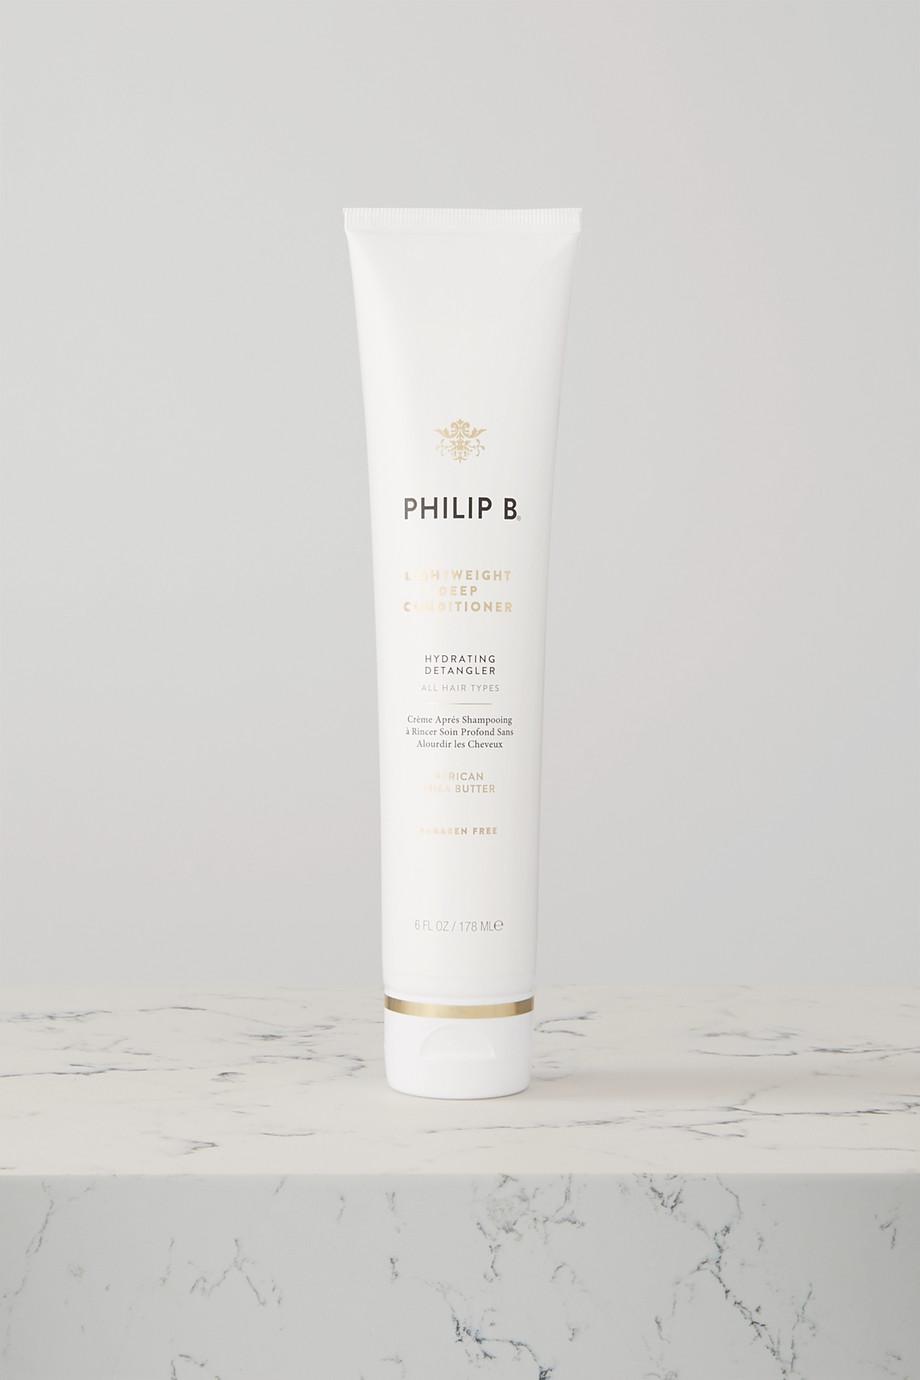 Philip B Lightweight Deep Conditioner, 178ml